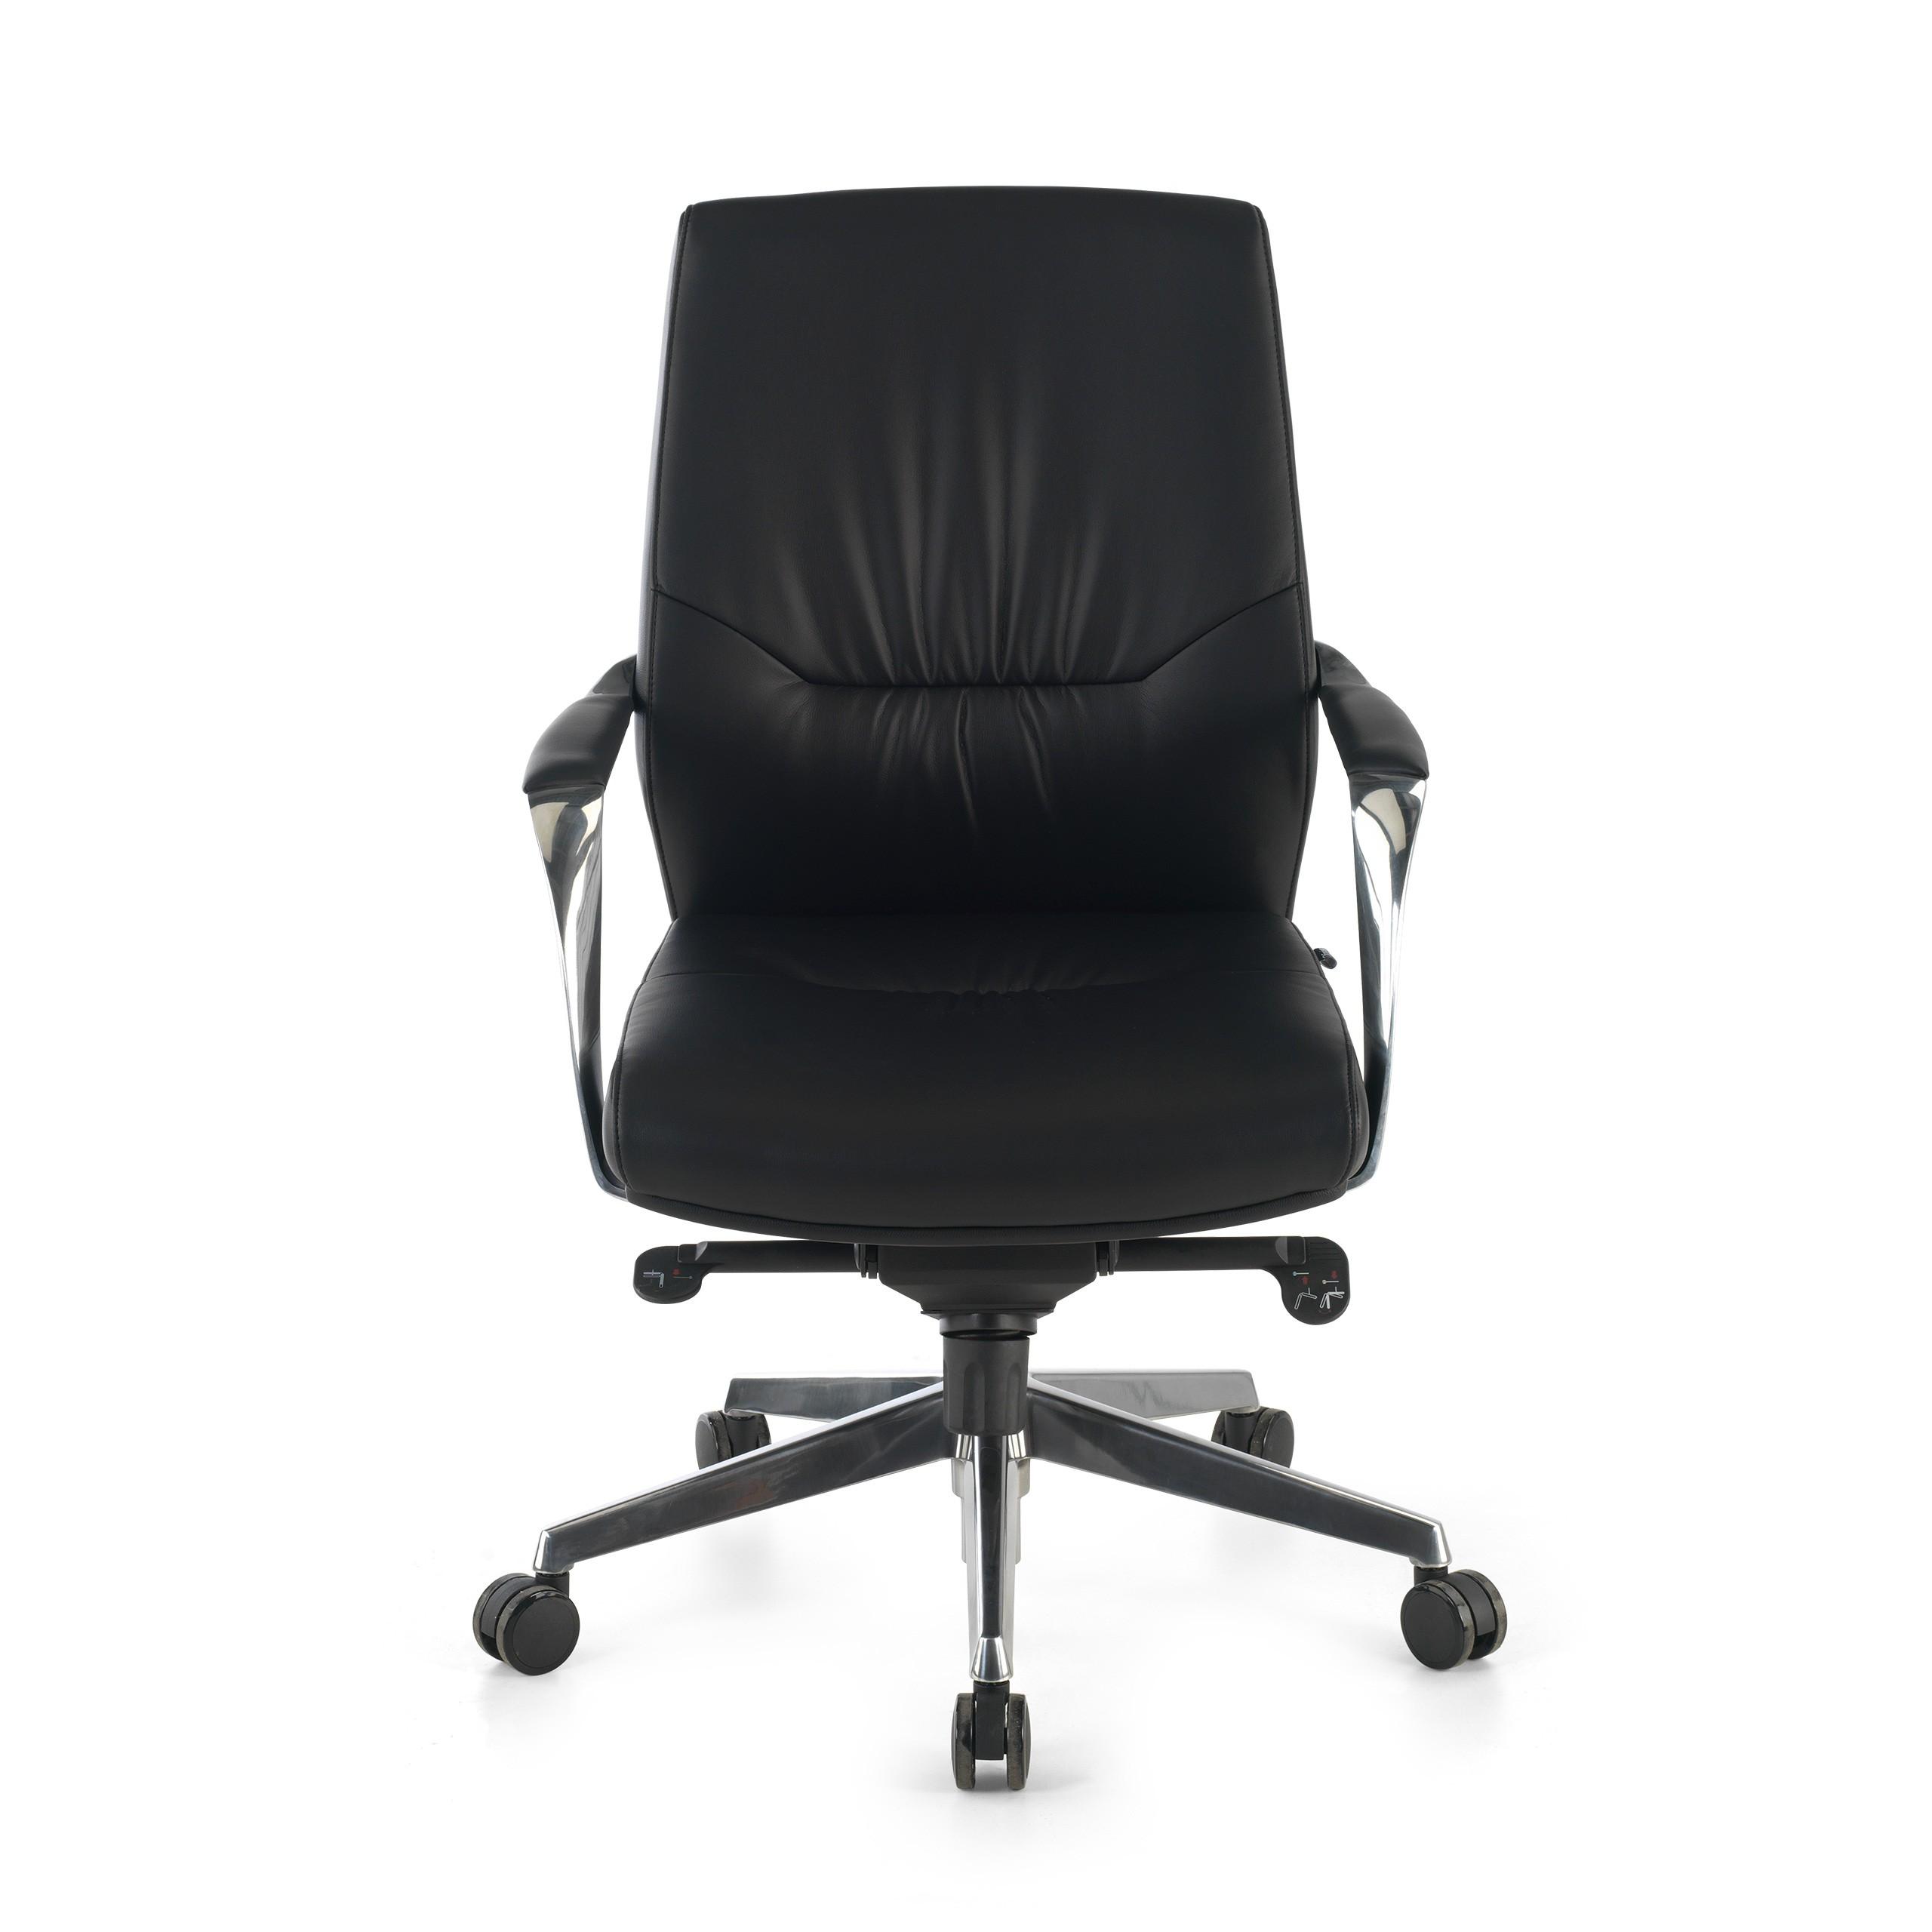 Mesas de Oficina Baratas, Modernas y de Diseño - Ofiprix